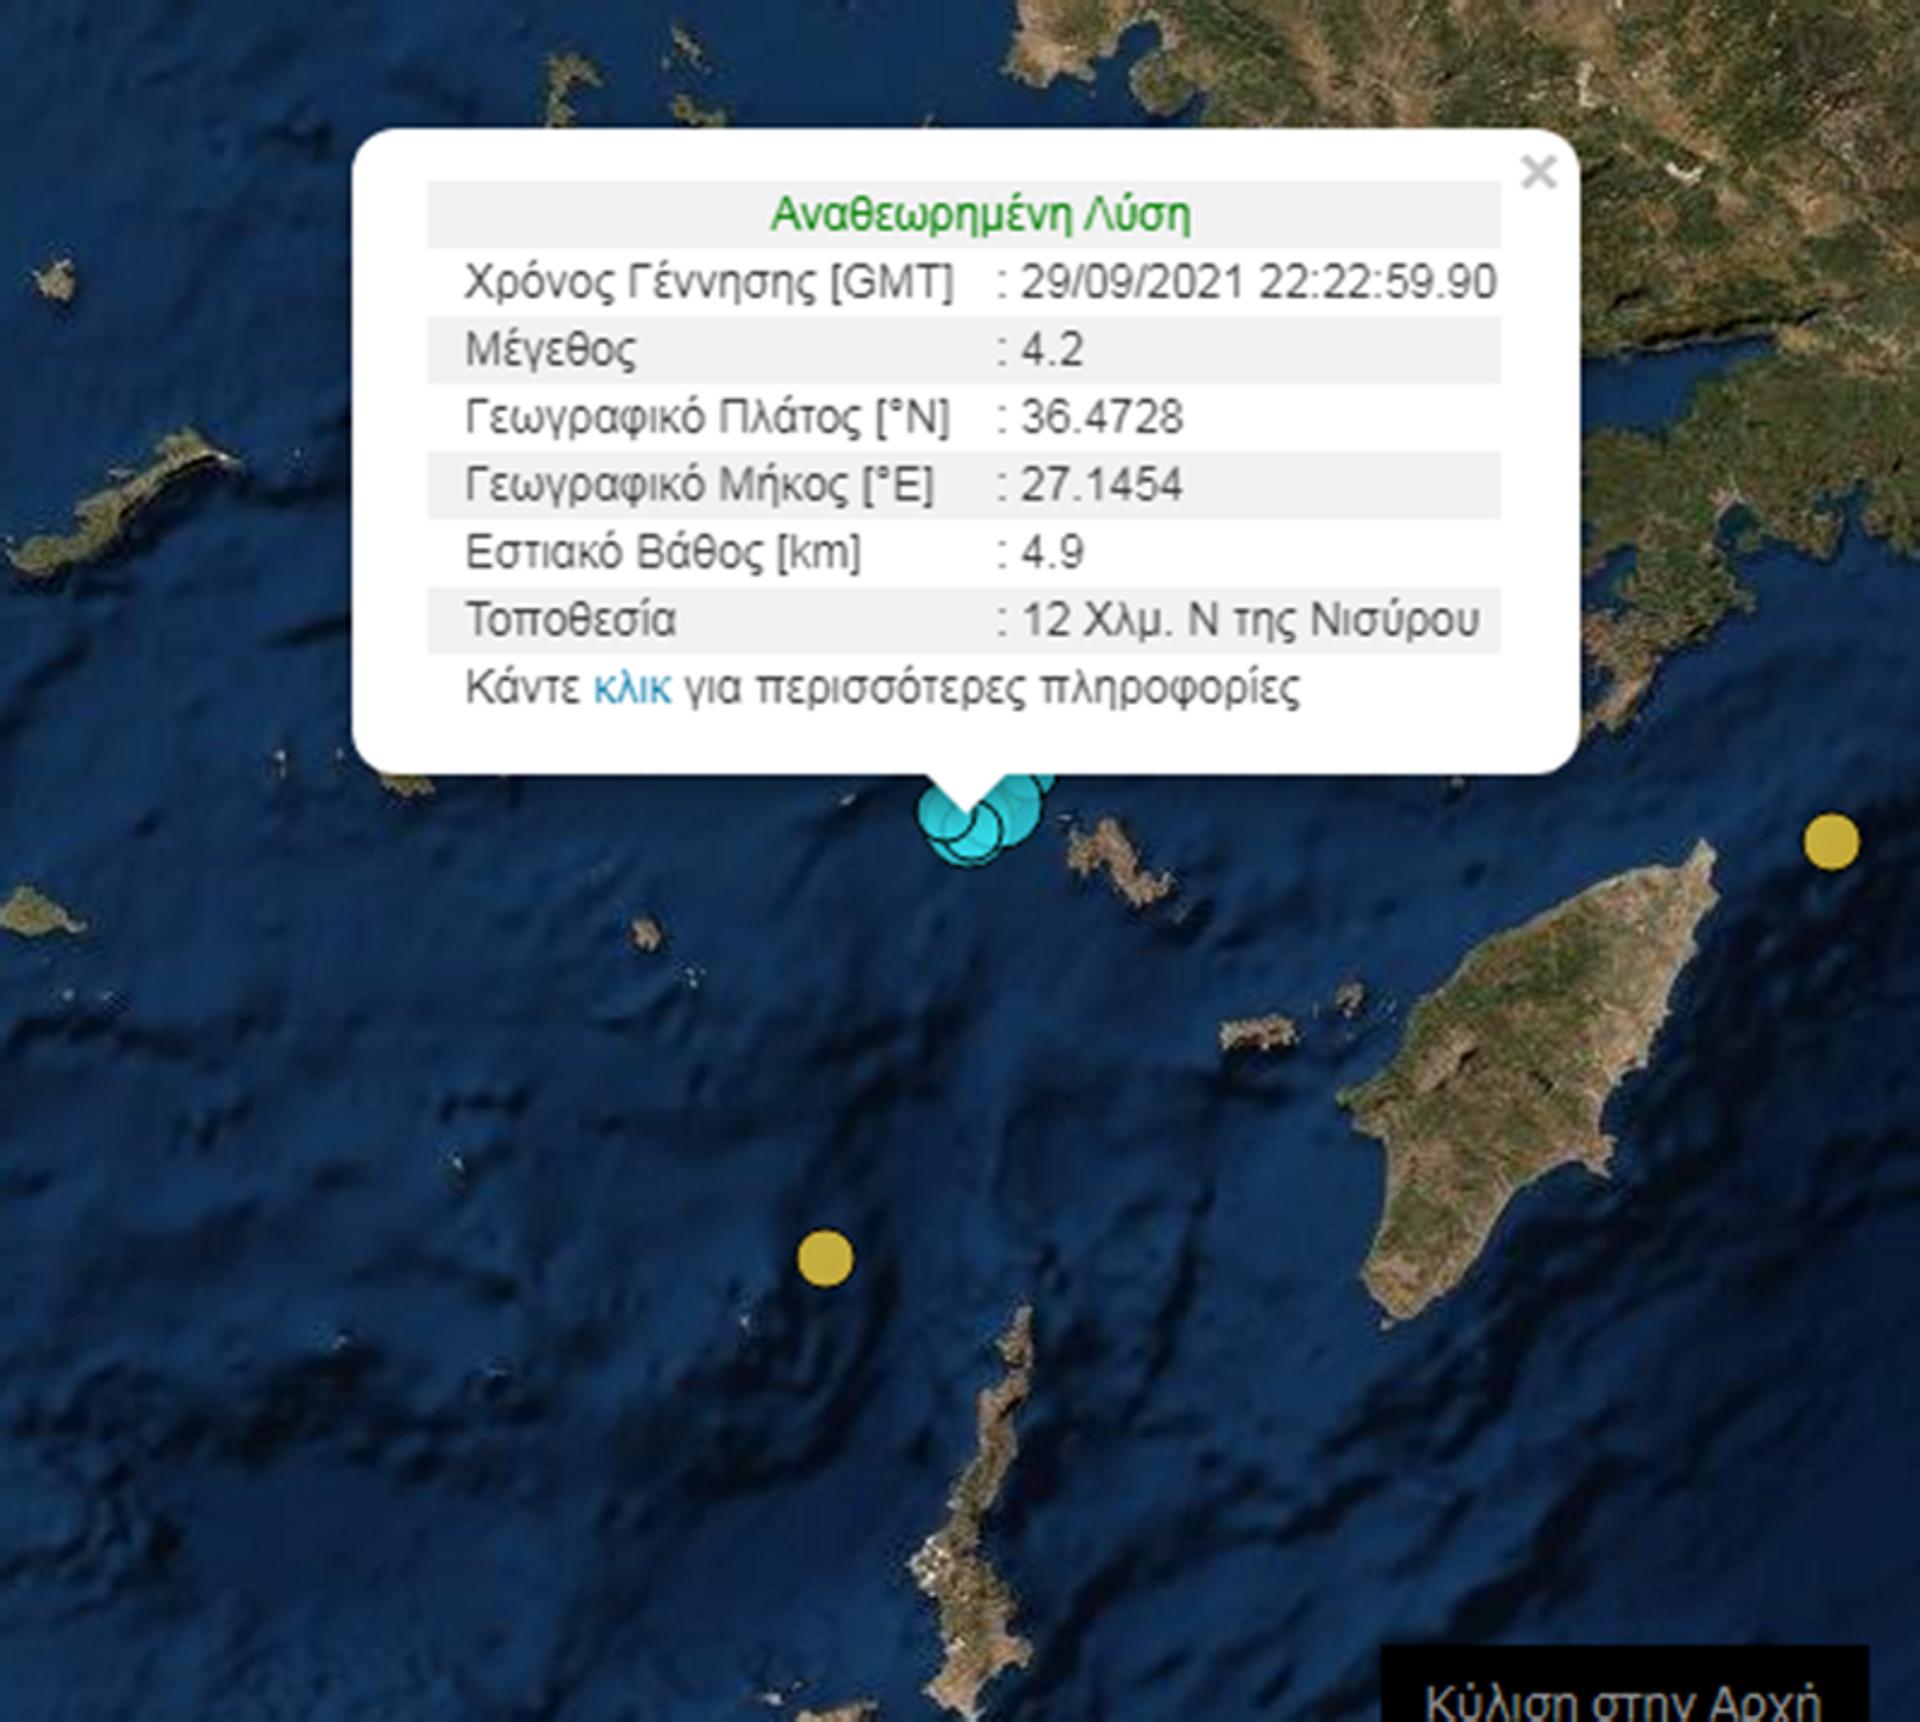 Δύο σεισμοί στη Νίσυρο  - Sputnik Ελλάδα, 1920, 30.09.2021